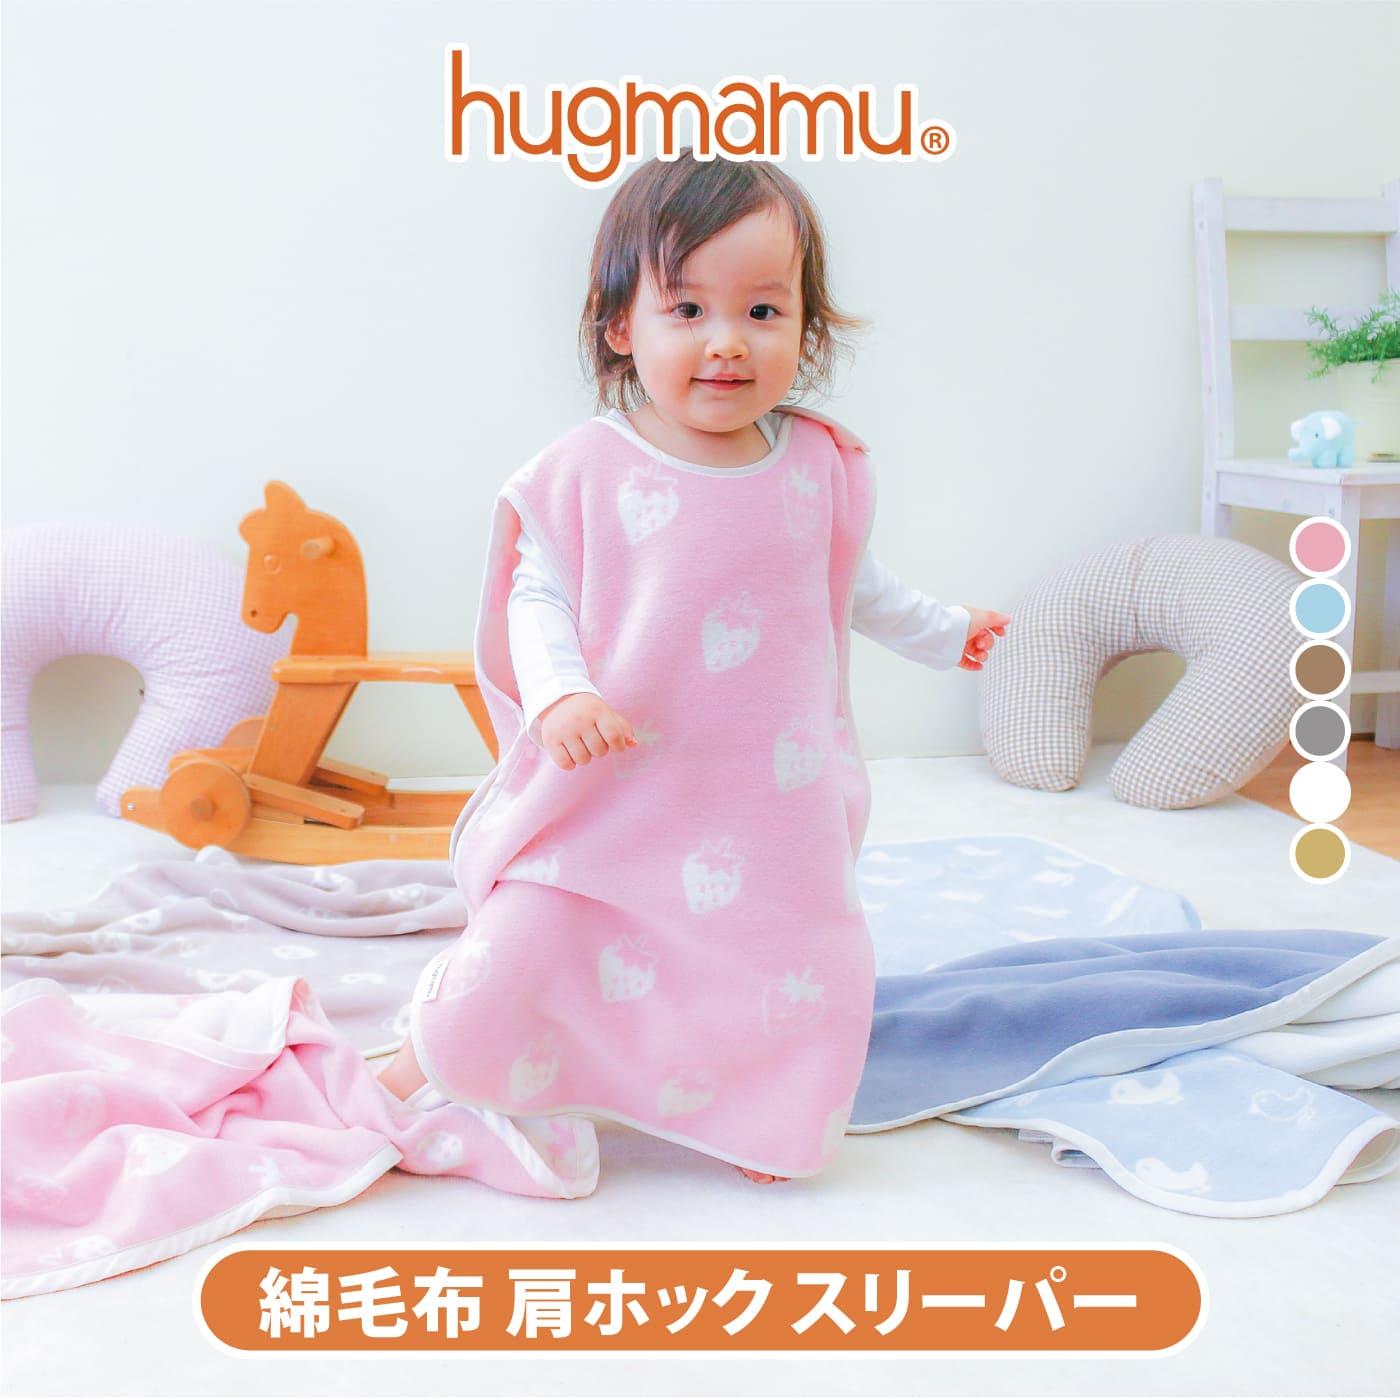 日本製 綿毛布 スリーパー ベビー 肩ホック 着る毛布 秋用 冬用 No.6661